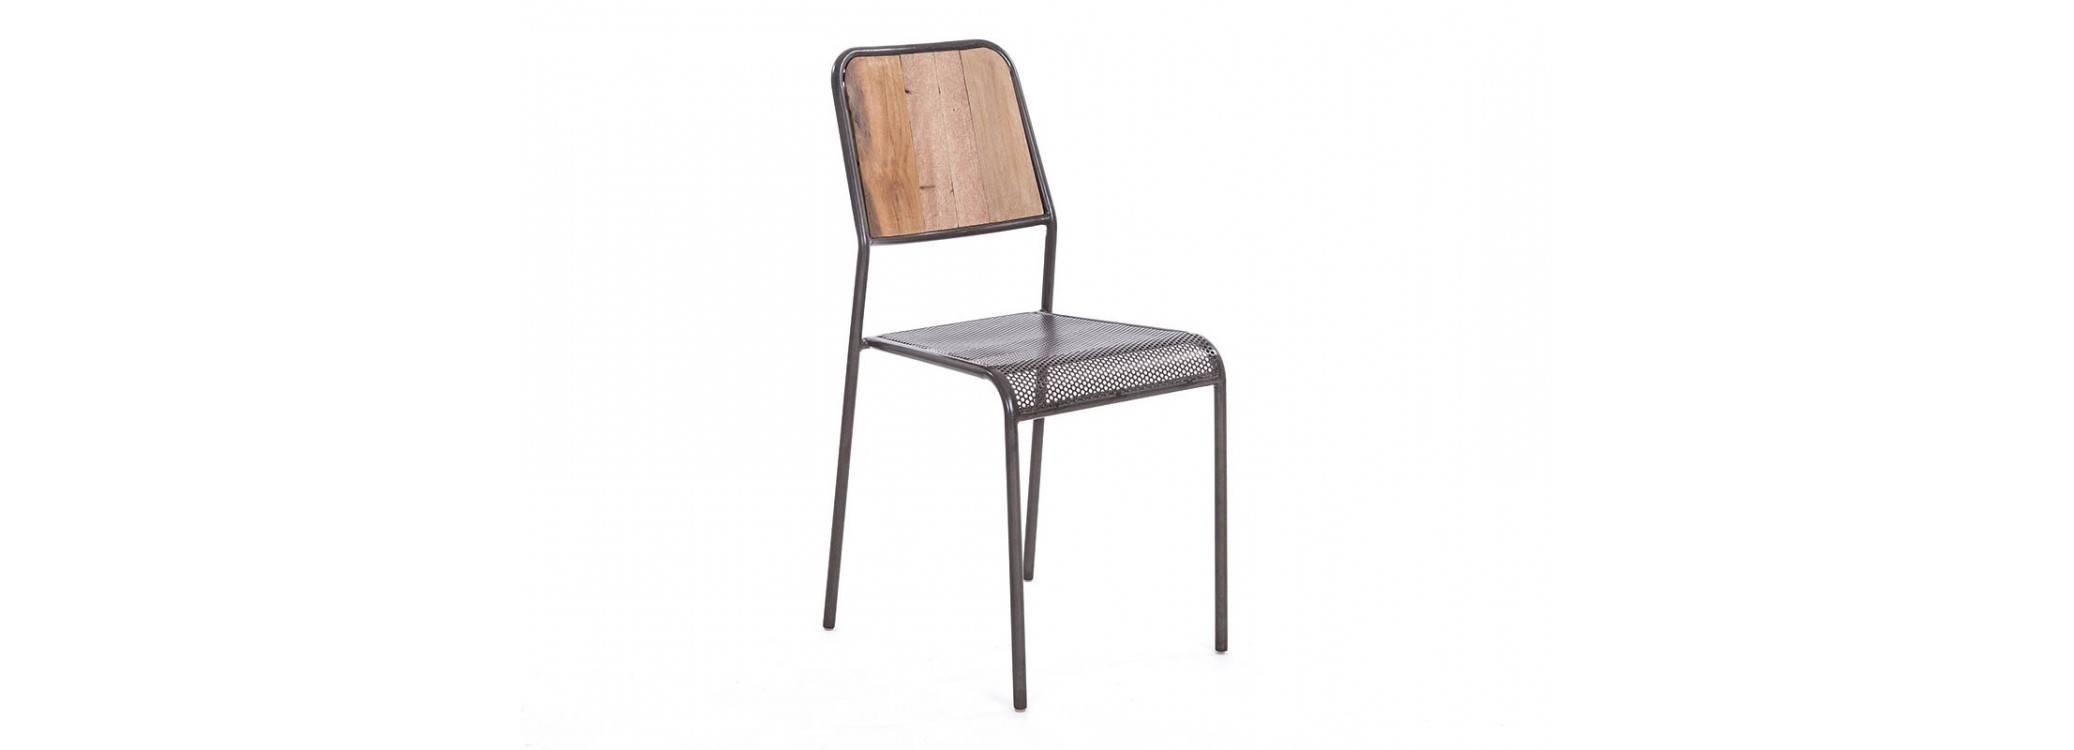 Chaise Cube, dossier bois et assise métal